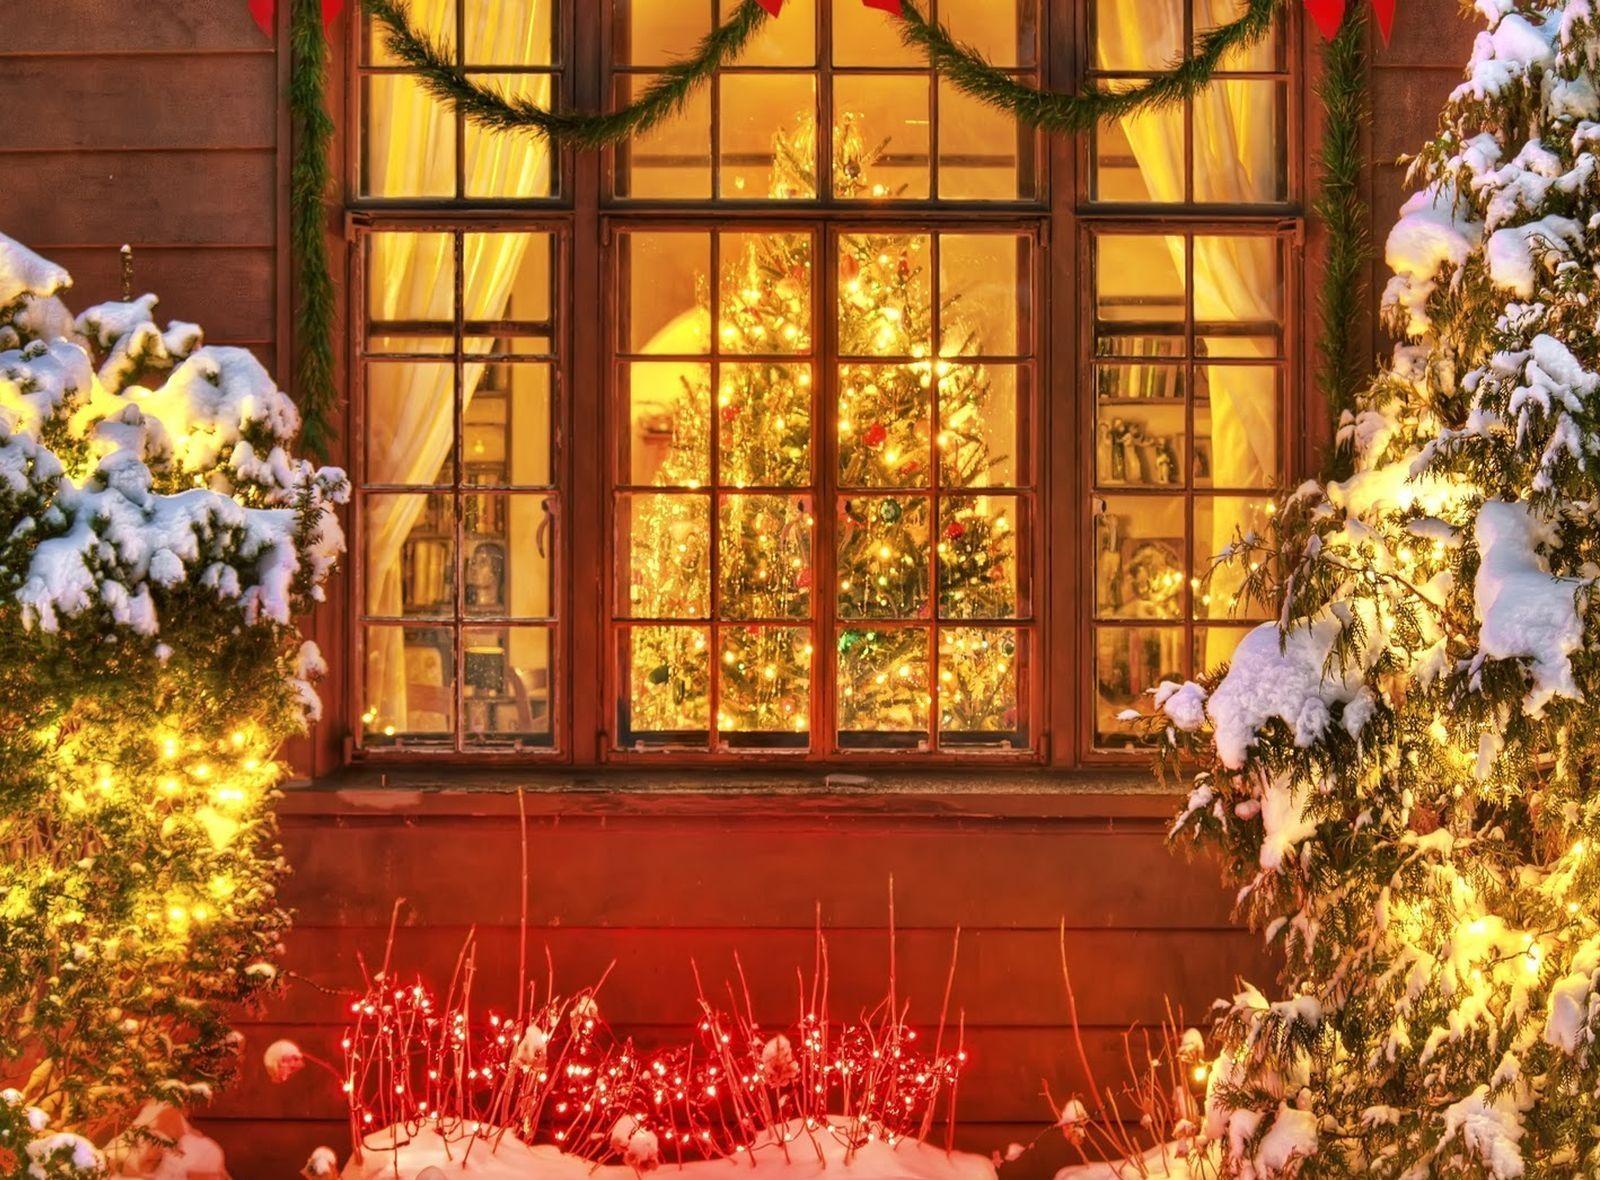 140813 скачать обои Праздники, Рождество, Новый Год, Гирлянды, Окно, Елки - заставки и картинки бесплатно